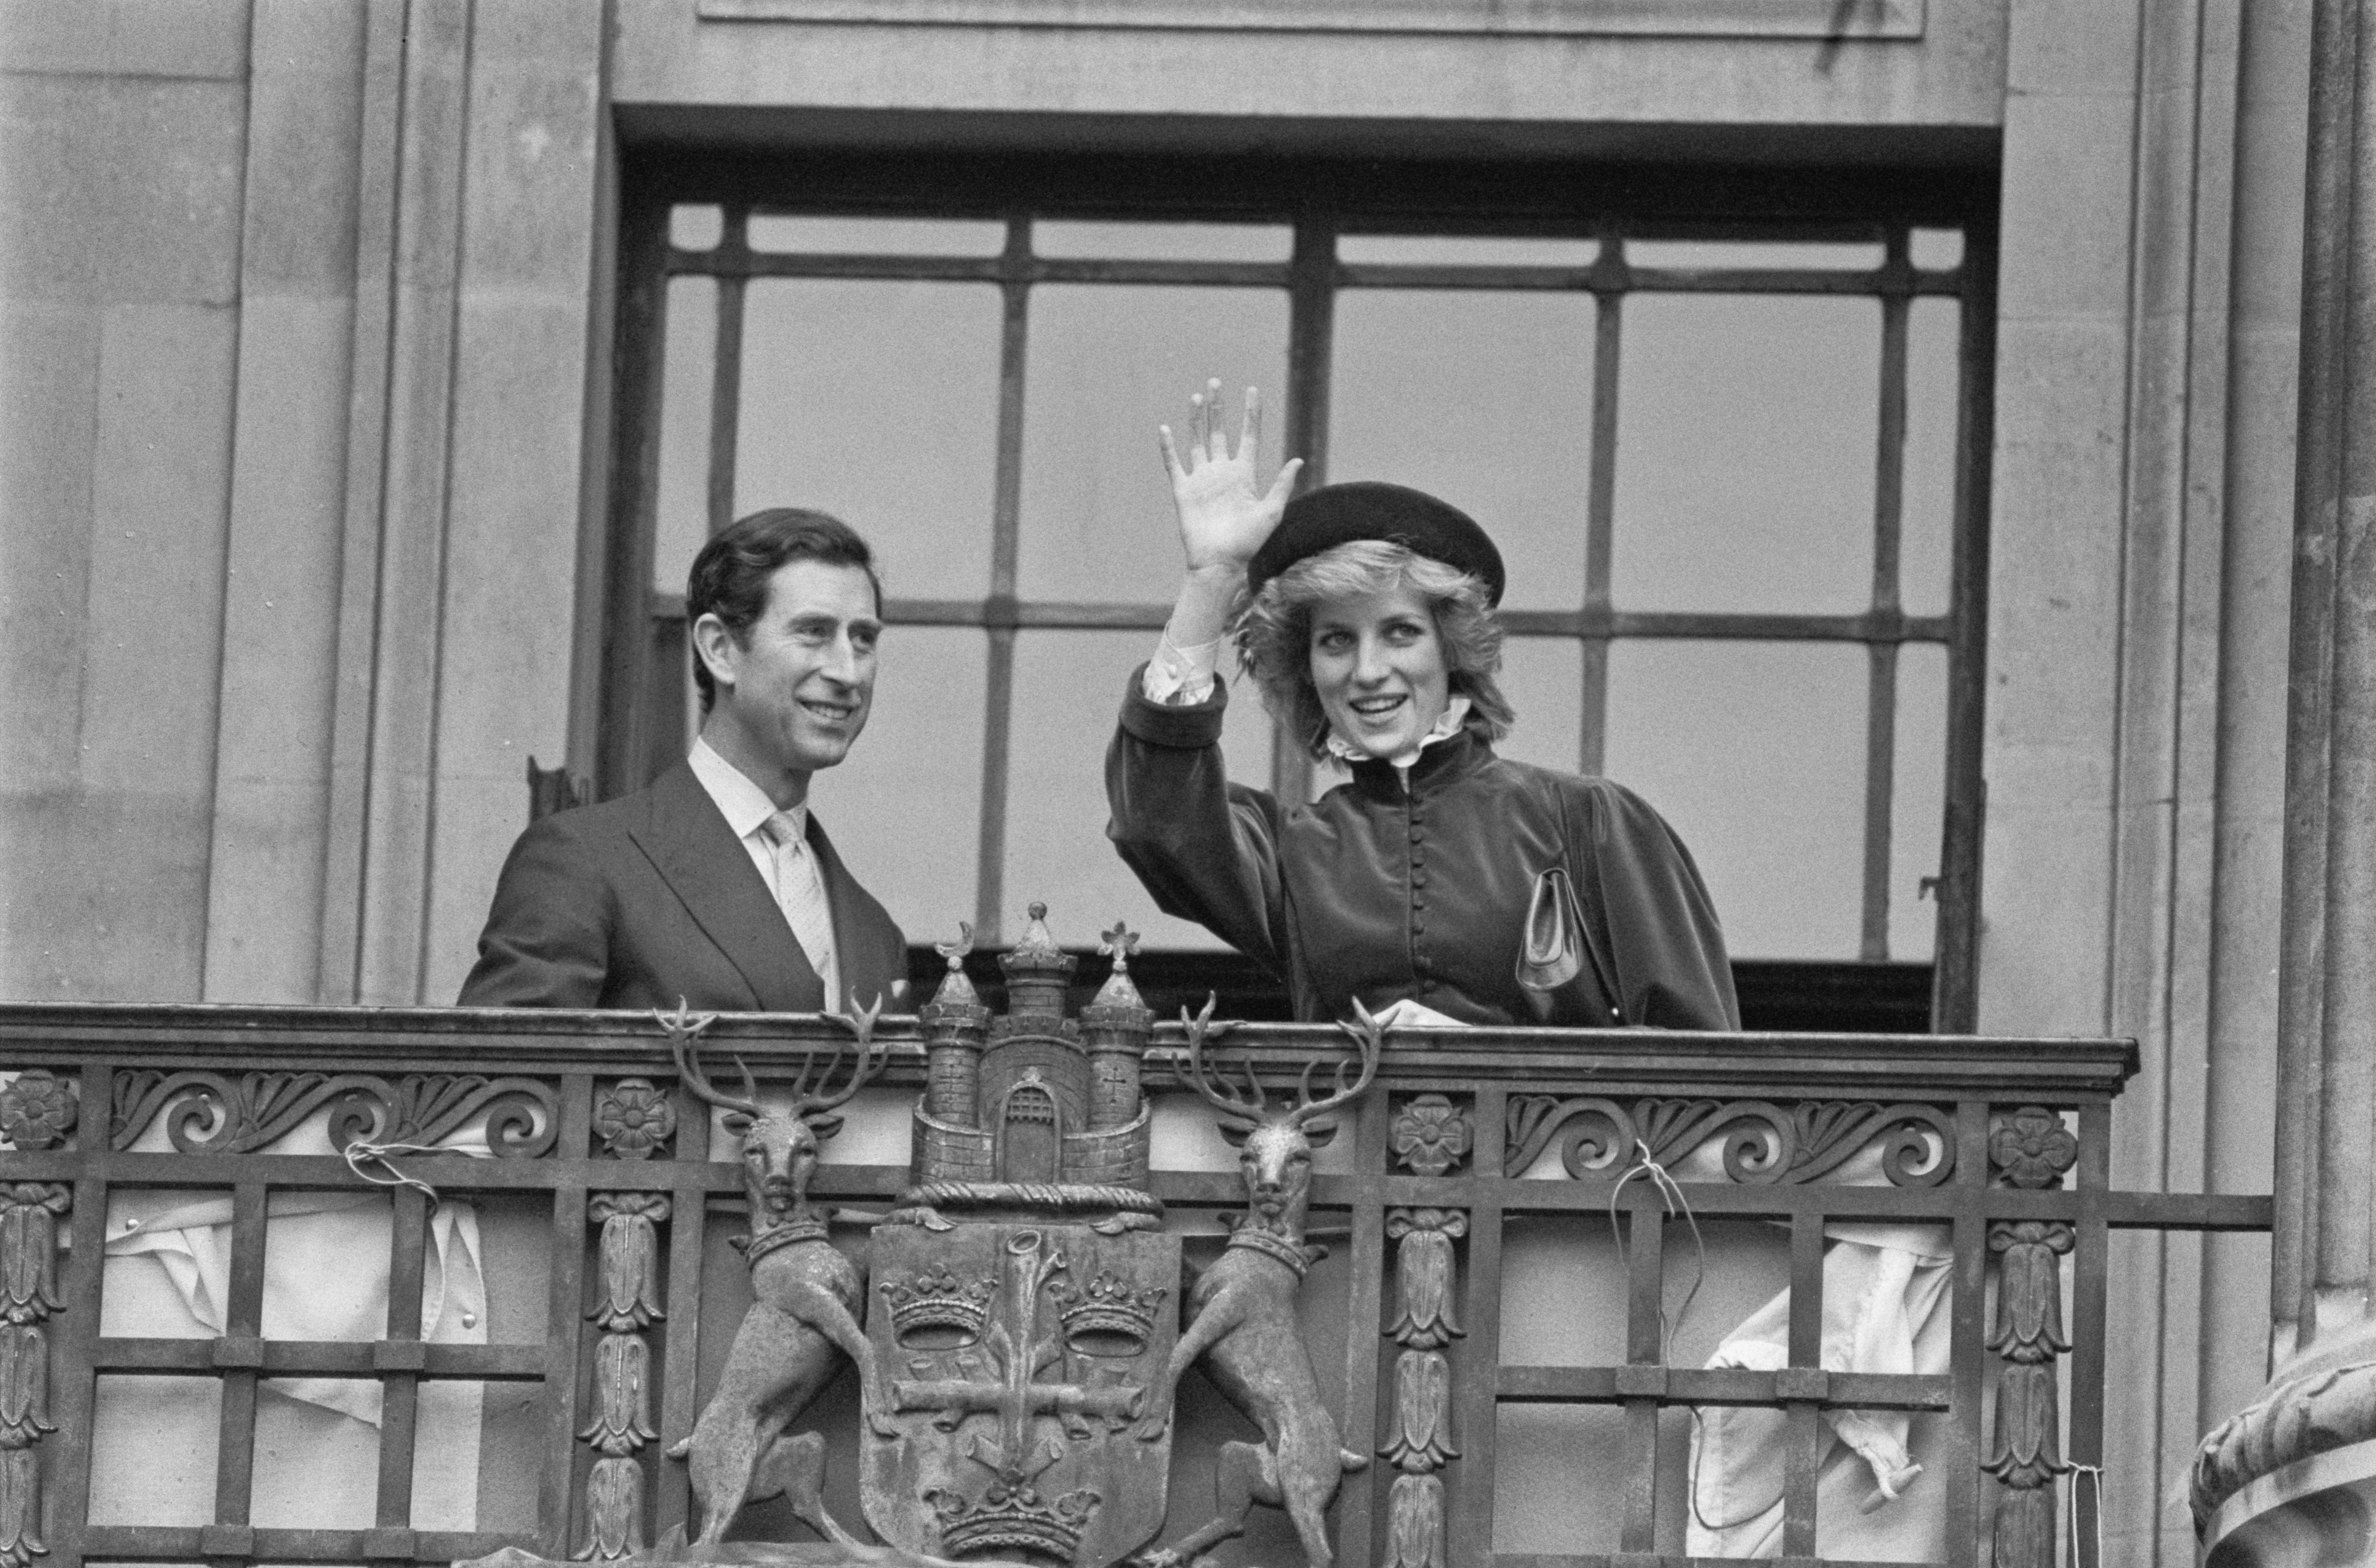 La princesa Diana junto al príncipe Charles. /Getty Images